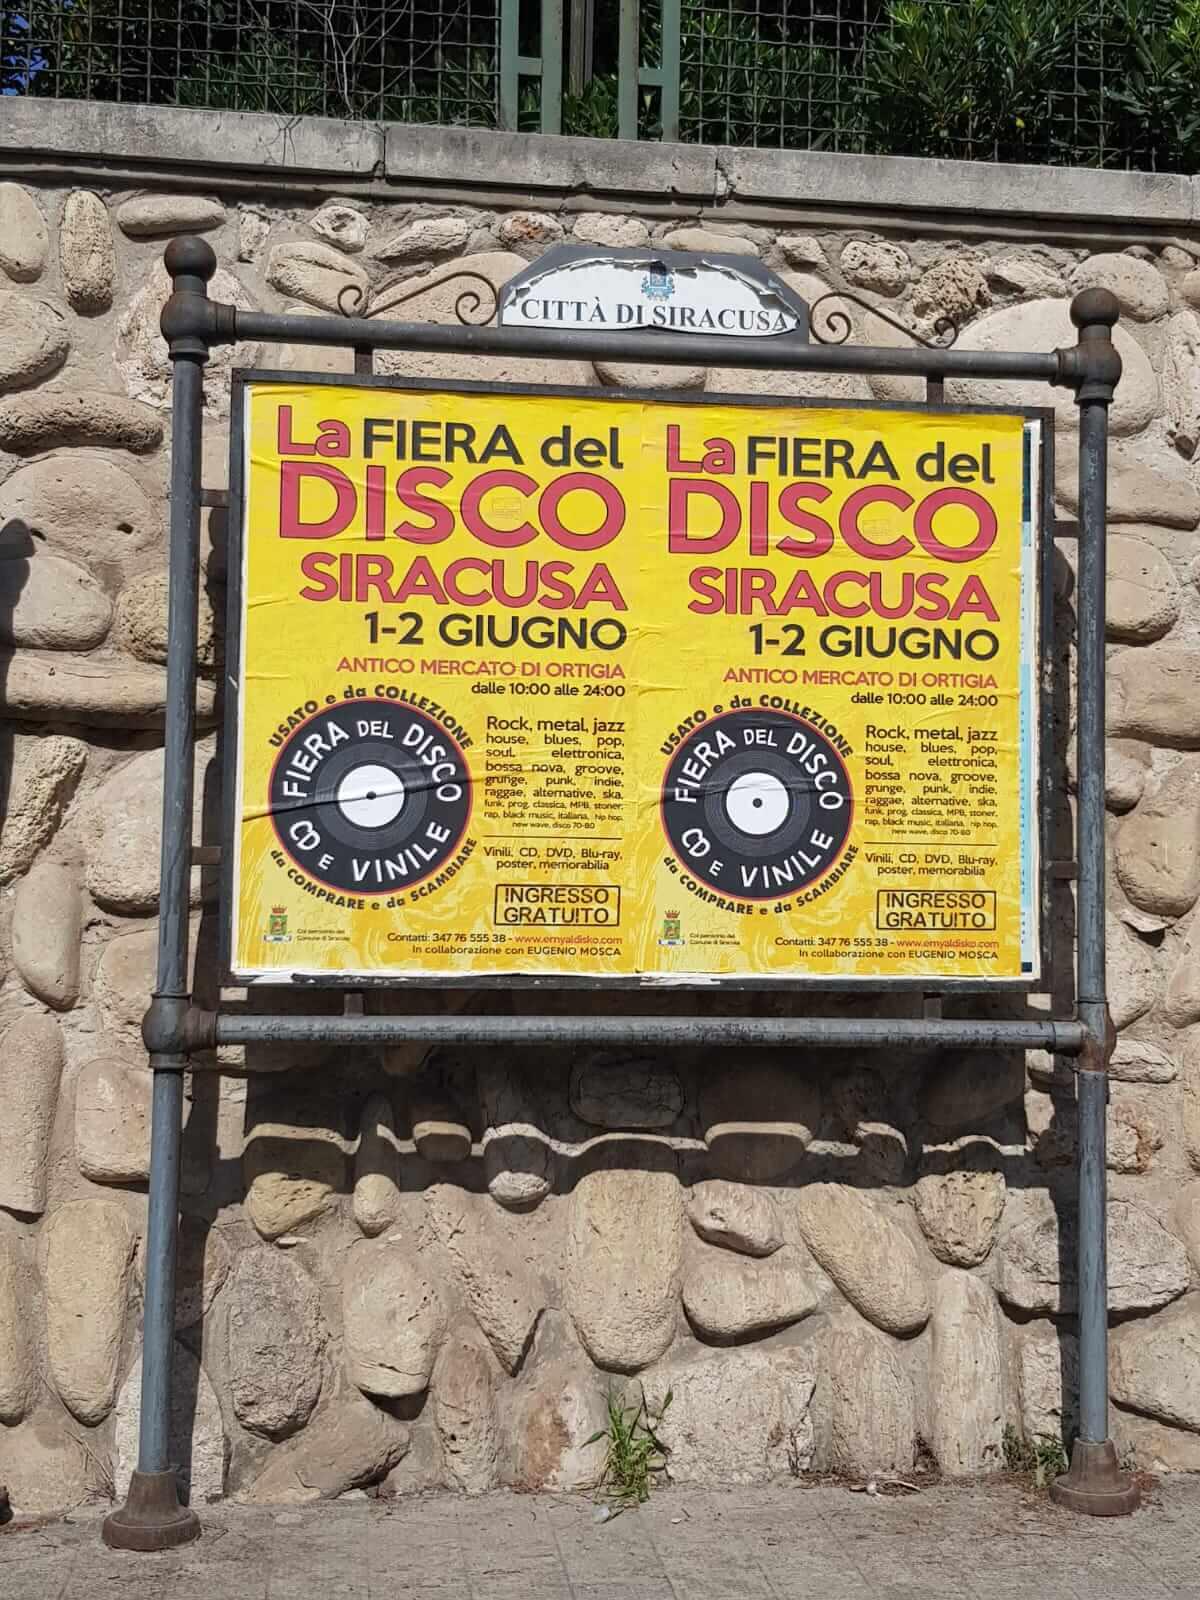 Trento Fiere Calendario.Calendario Fiere Ernyaldisko